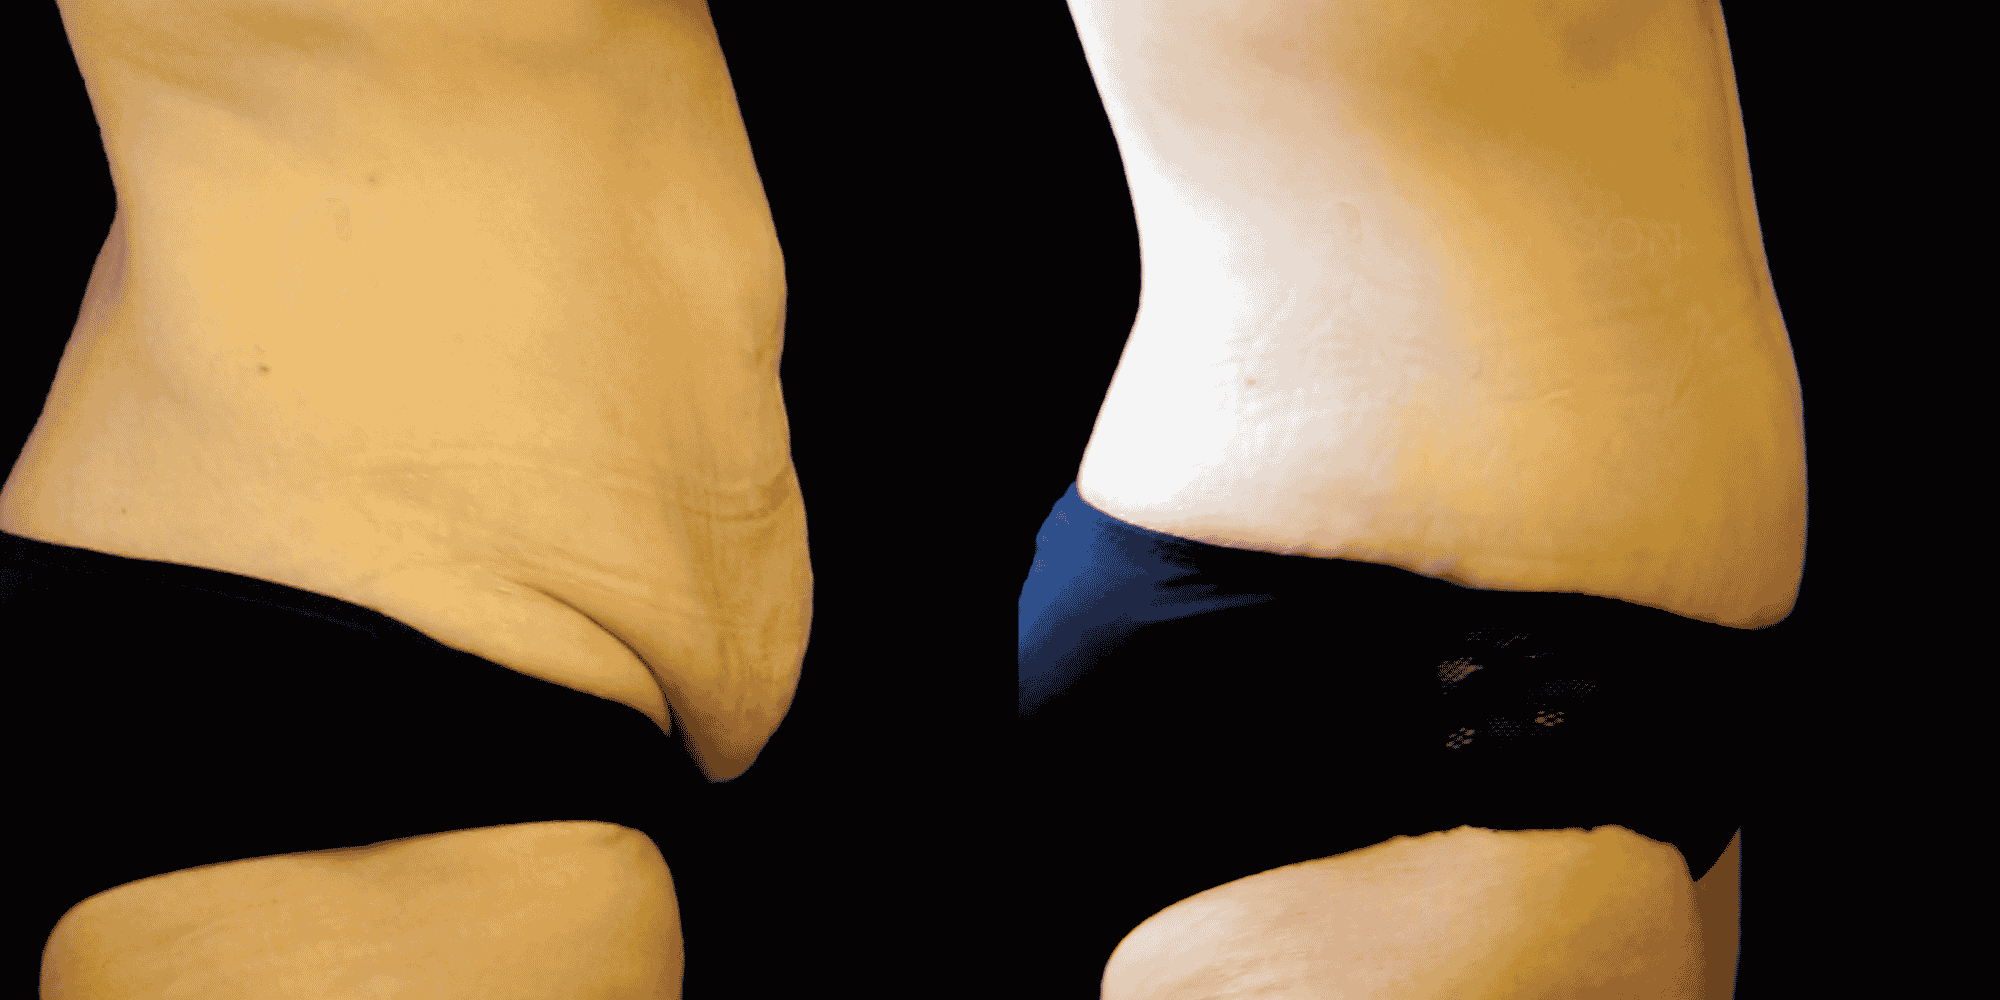 Dr Colson - Chirurgie silhouette - Abdominoplastie Profil